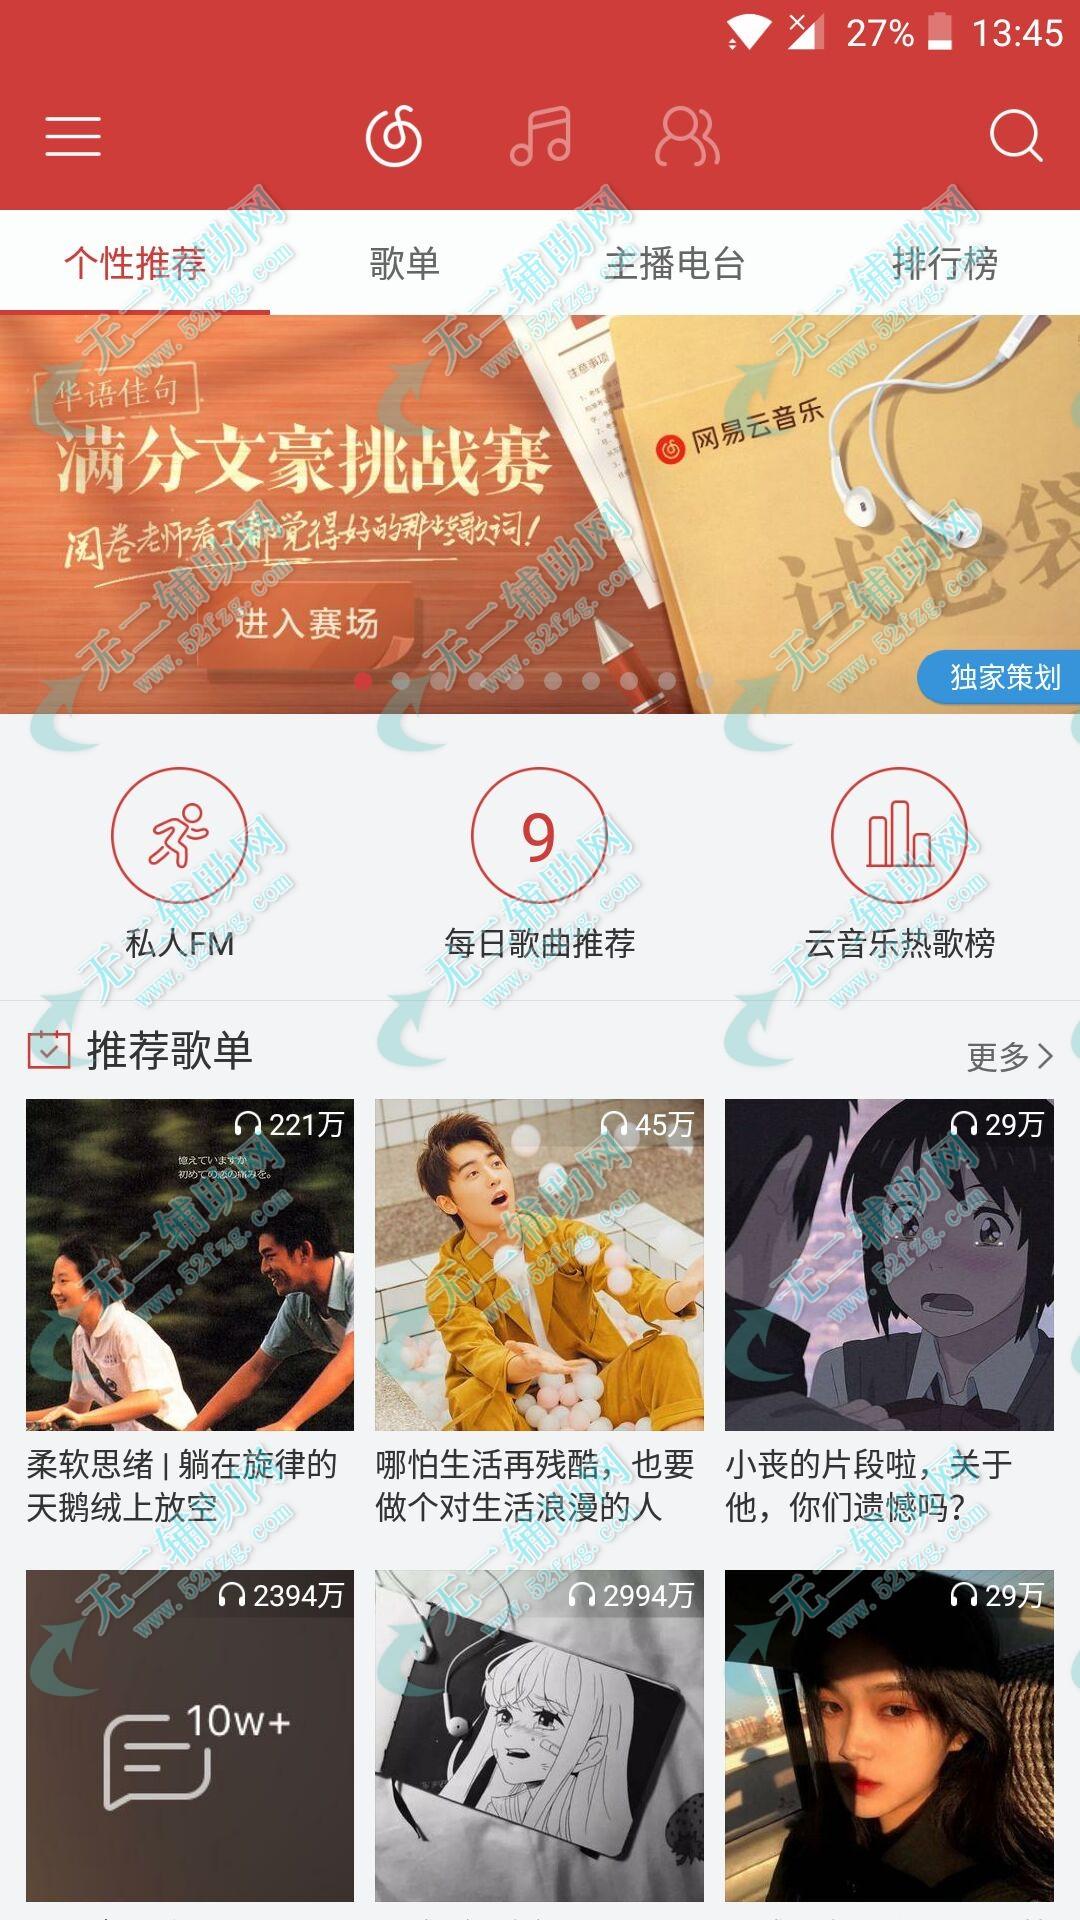 安卓网抑云音乐APP官方精简版v9.9.9 去除界面广告